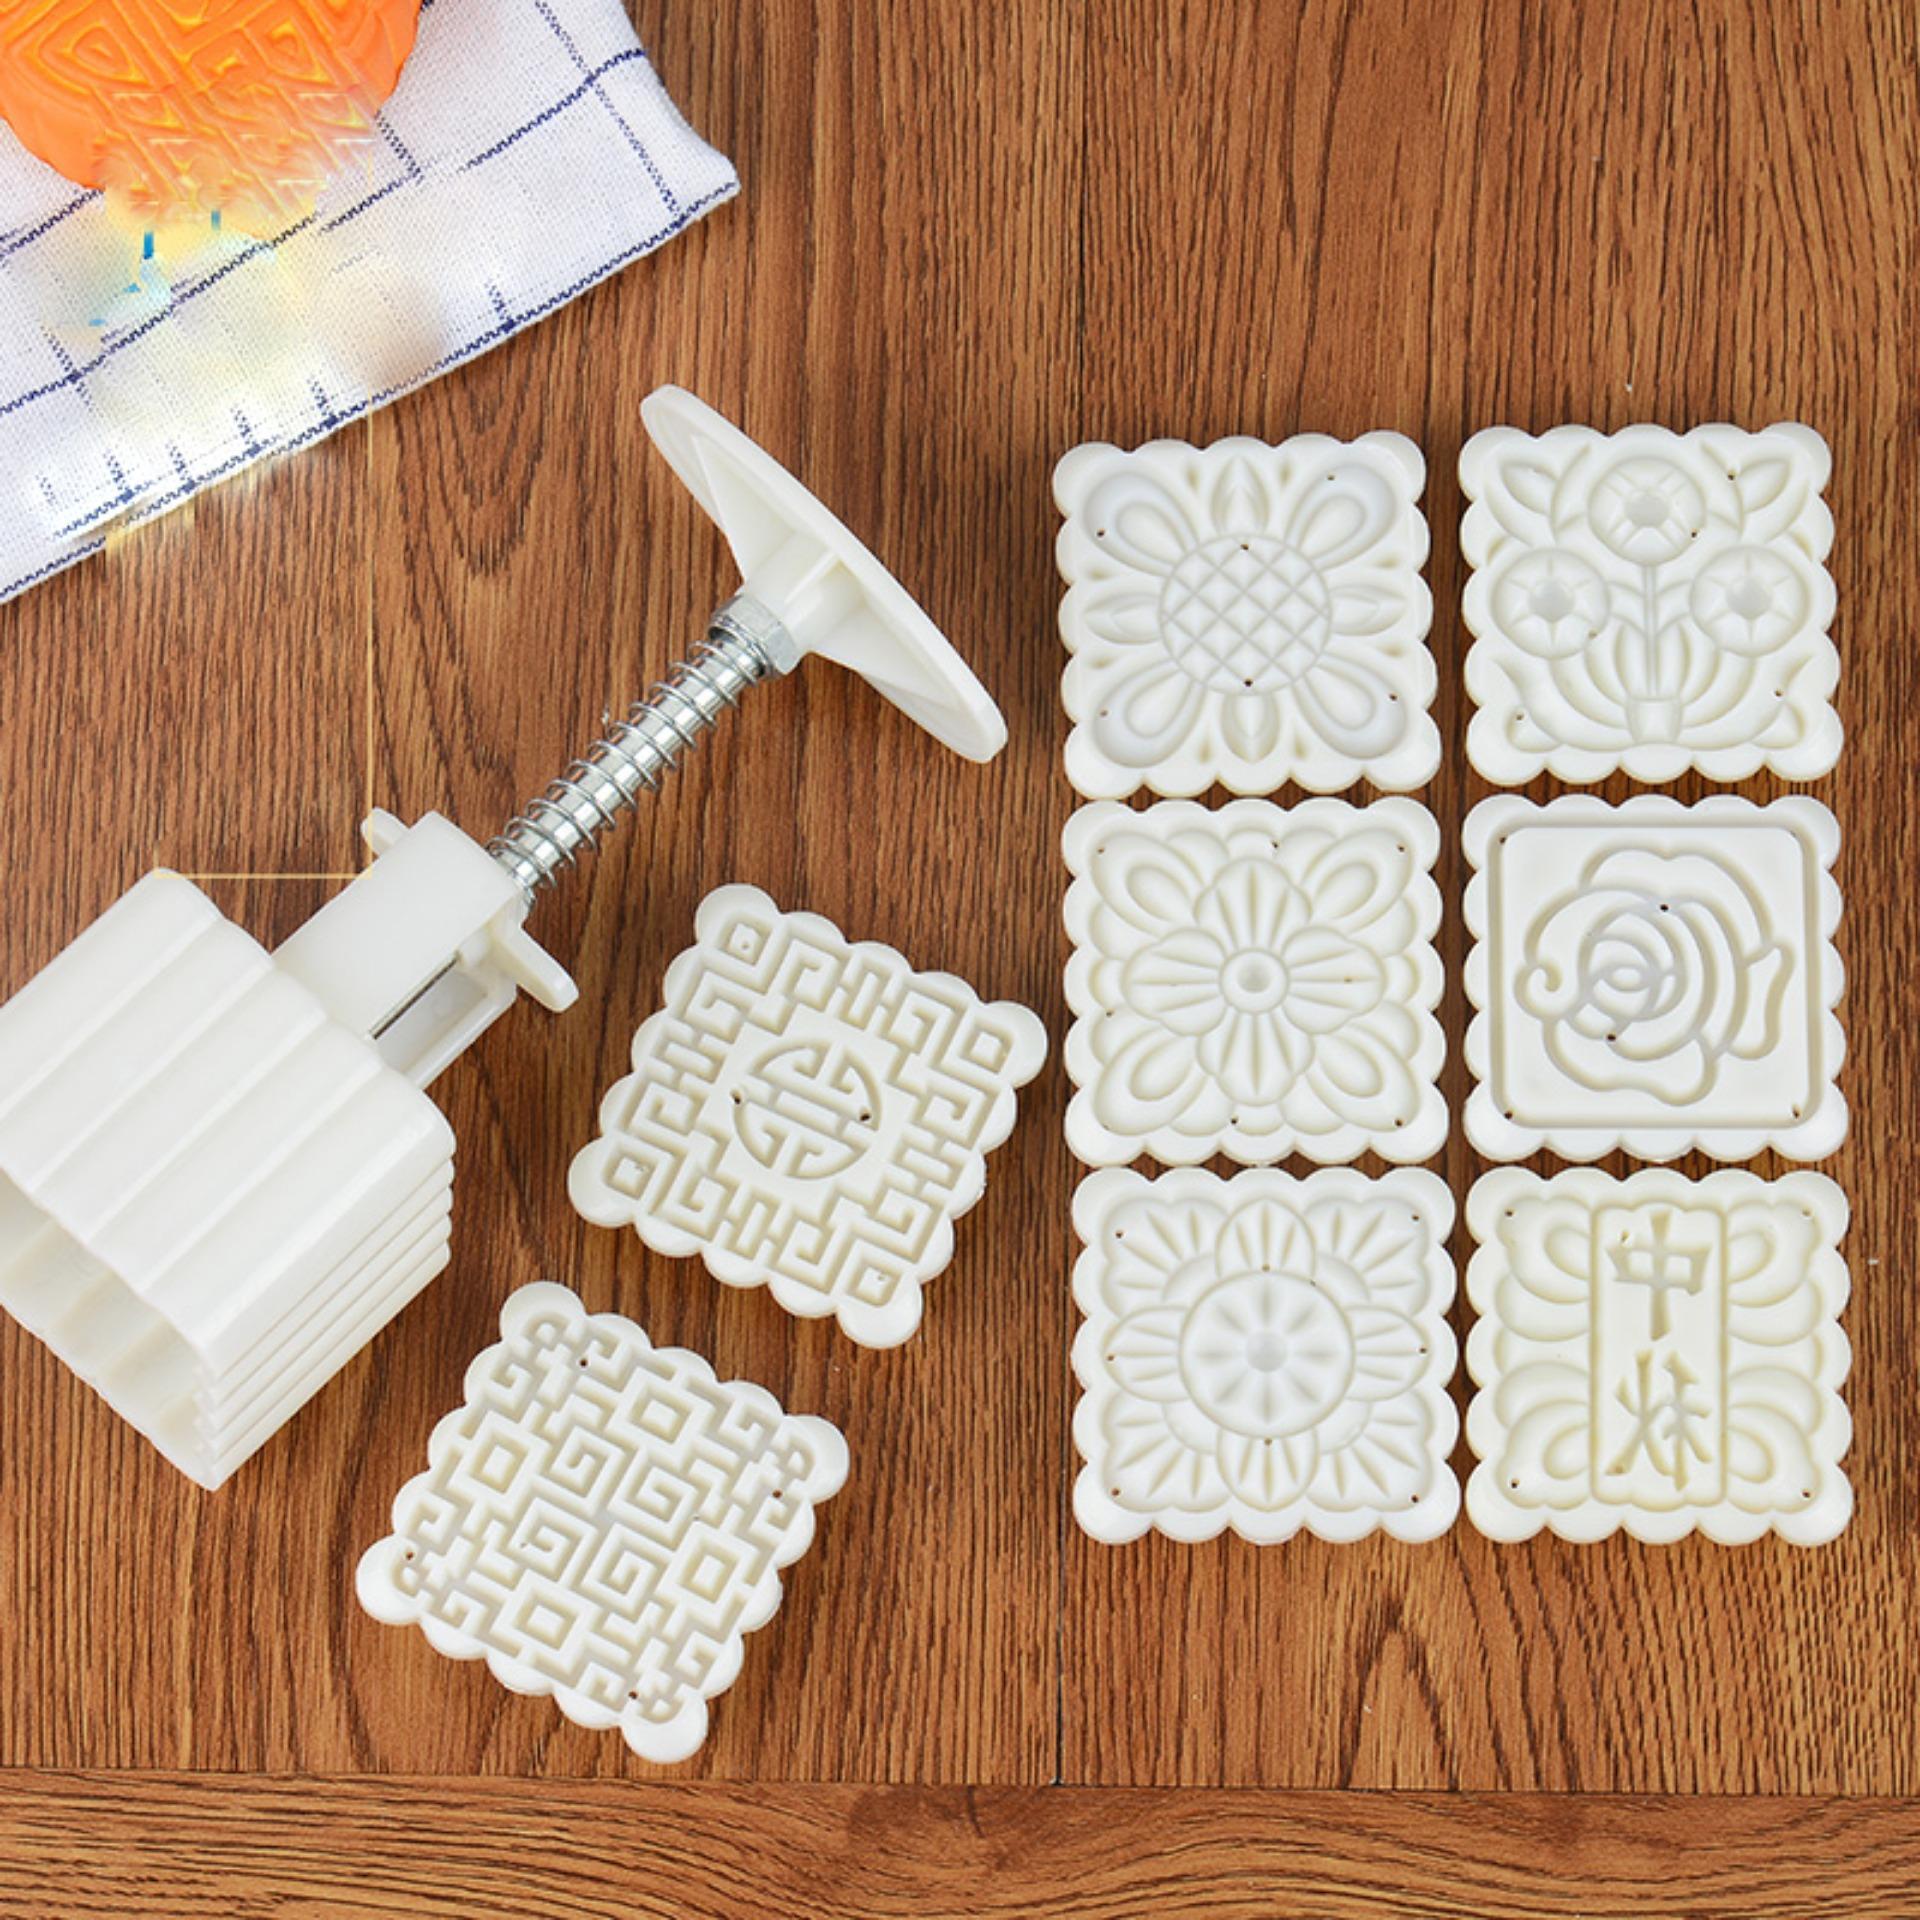 Khuôn làm bánh ngọt / bánh trung thu hình vuông 6 khuôn